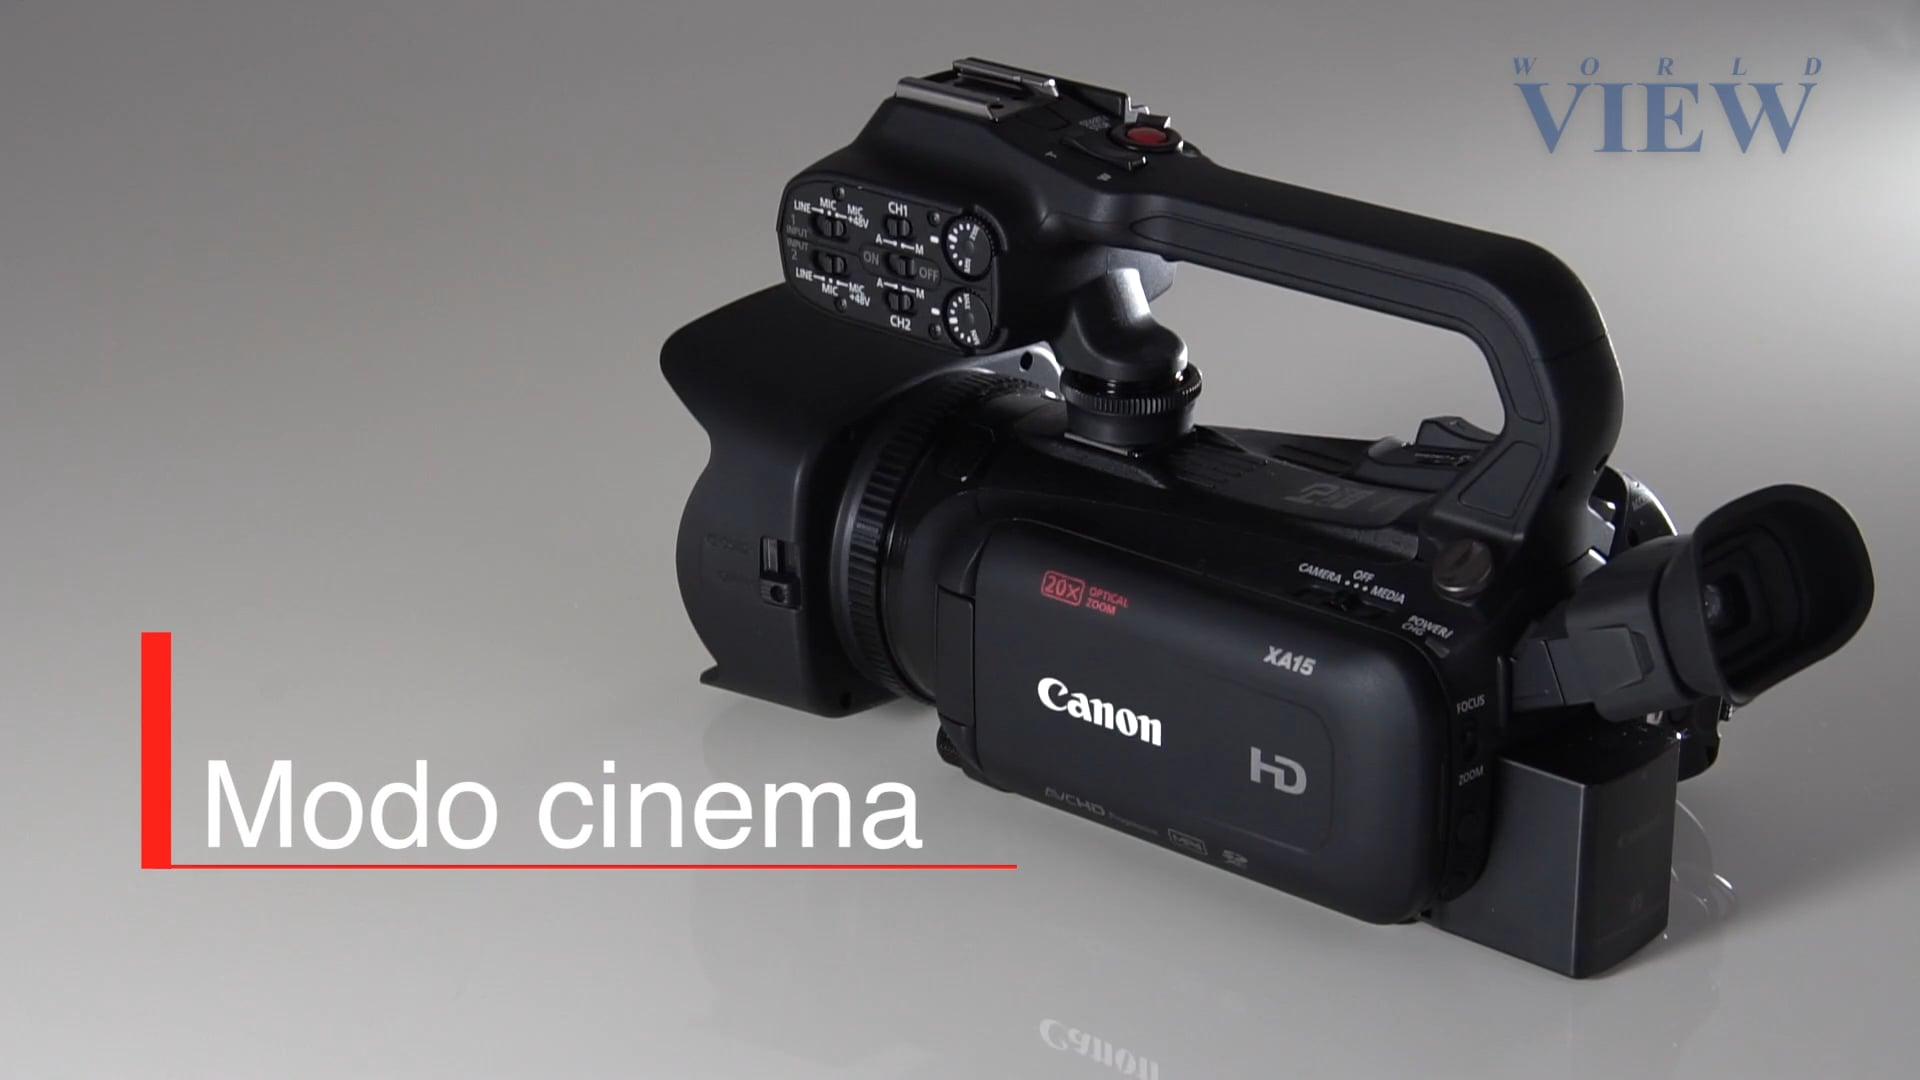 Luz, câmera, ação! O modo cinema da câmera Canon XA15!